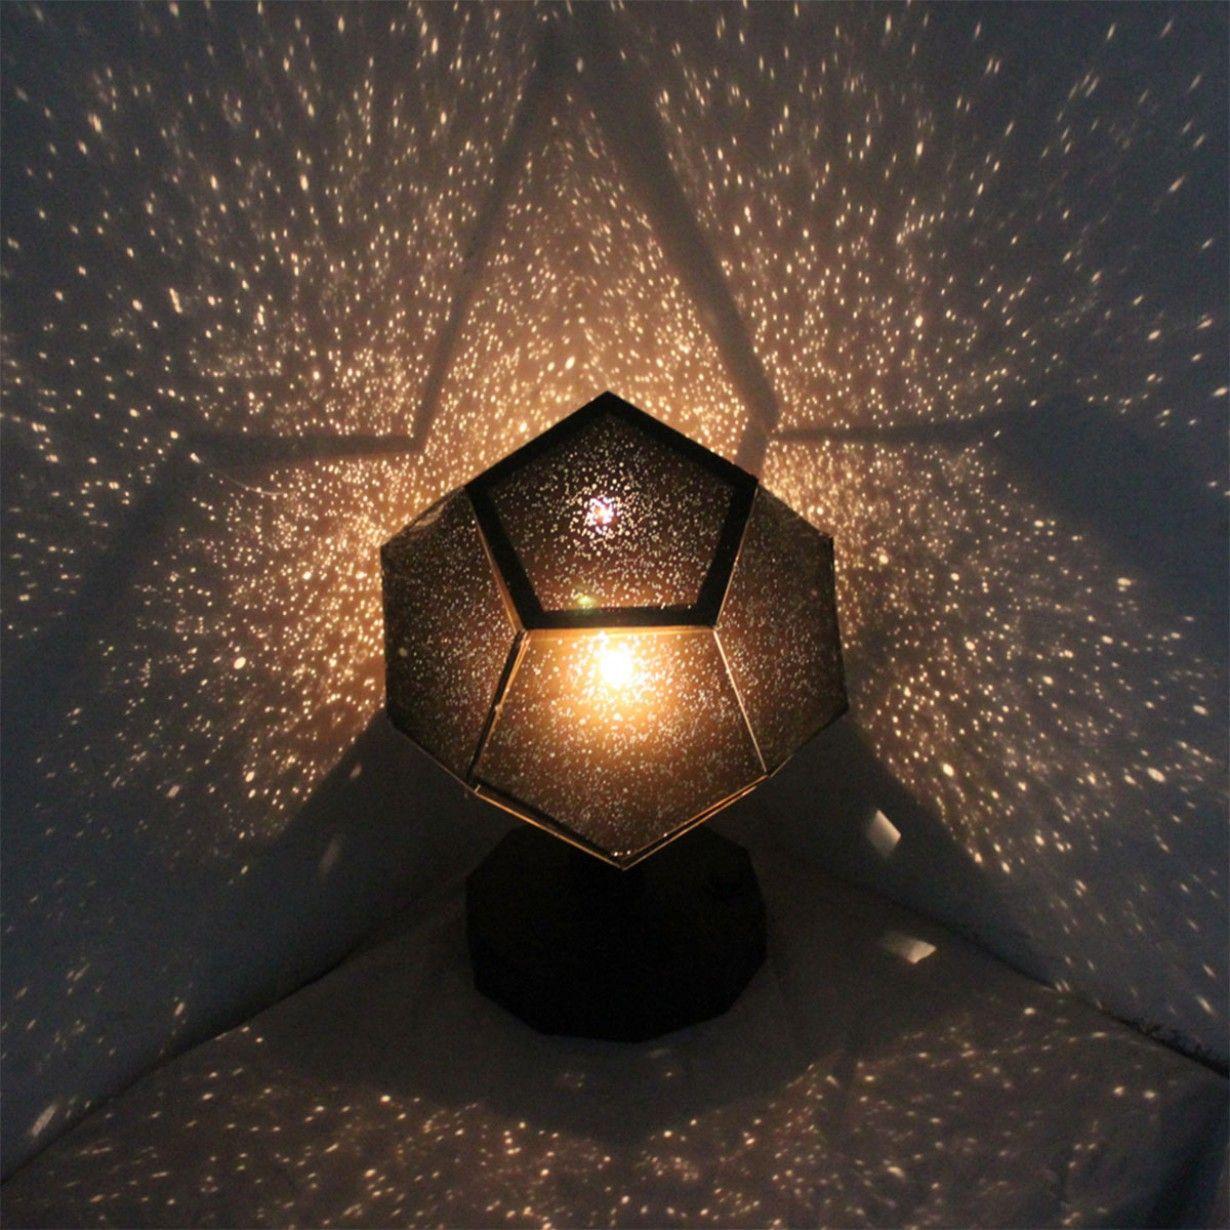 Sternenhimmel Le diy sternenhimmel projektor bedrooms